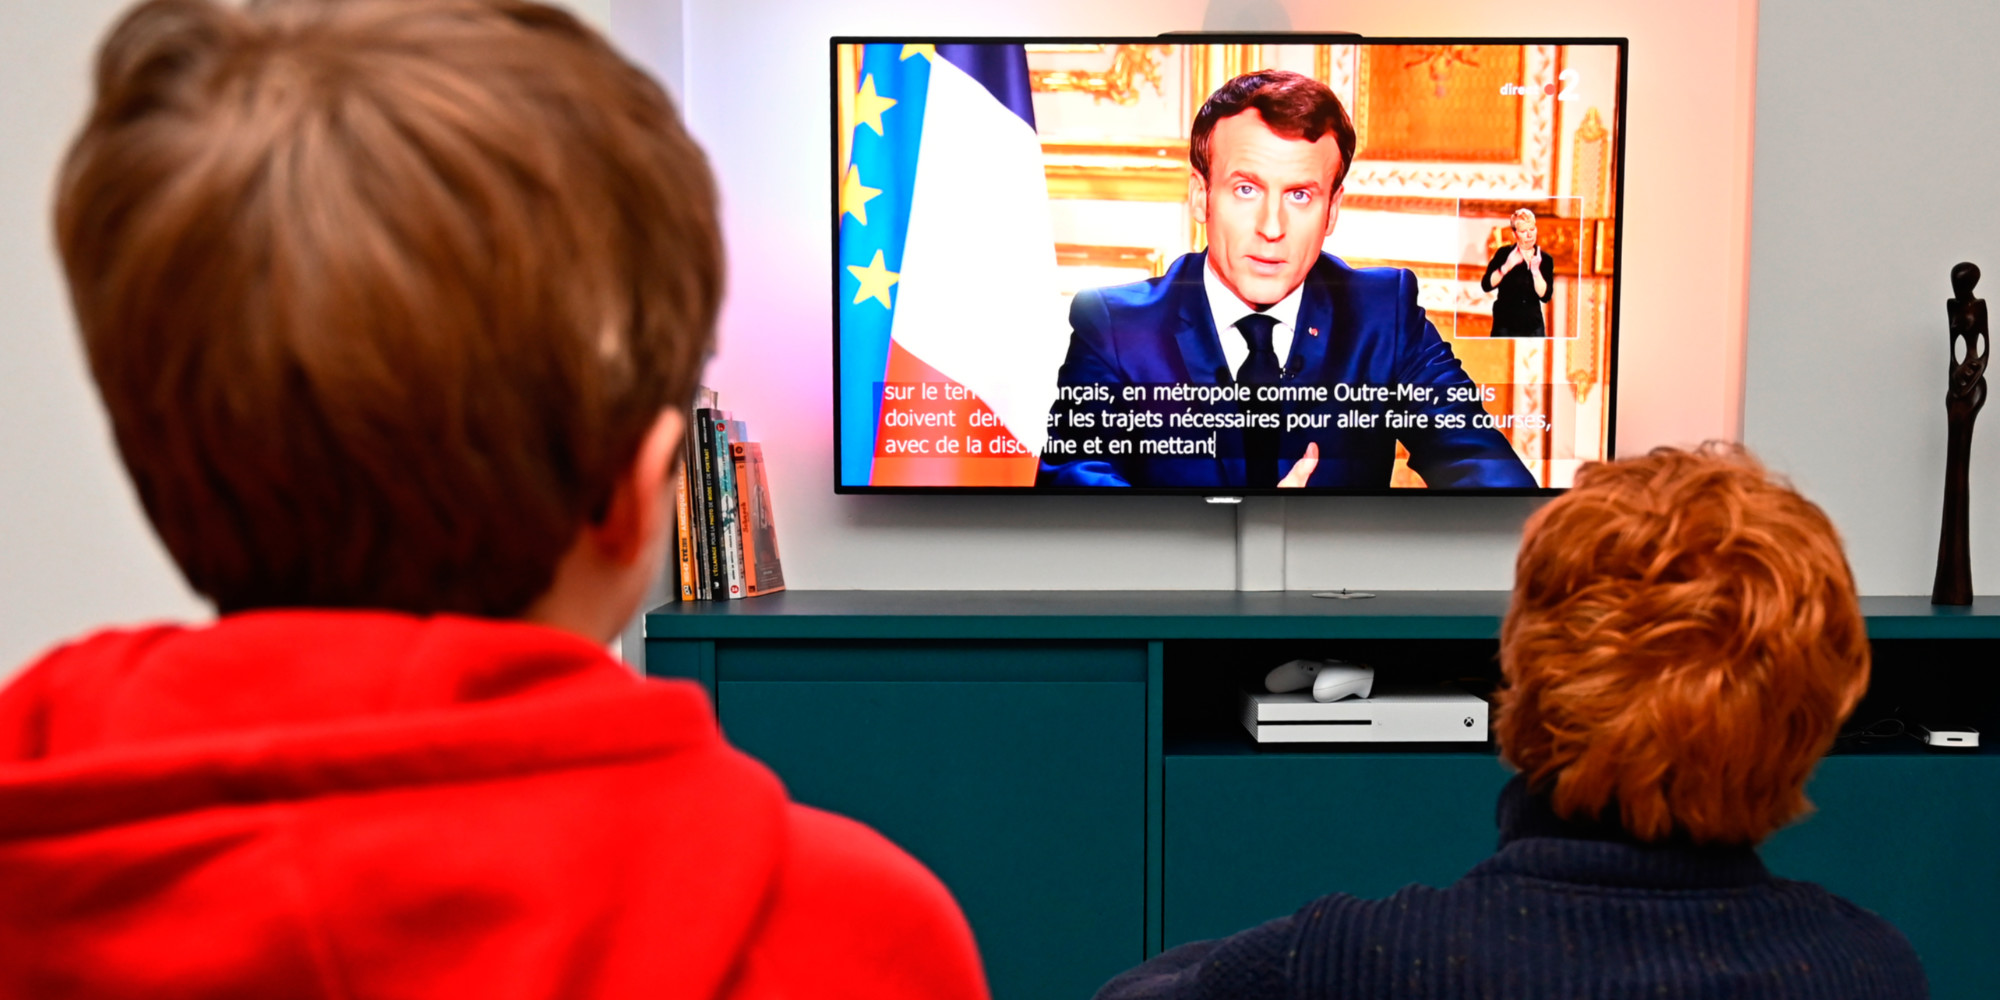 Confinement : audiences record en mars avec 4h29 de TV par jour et par Français